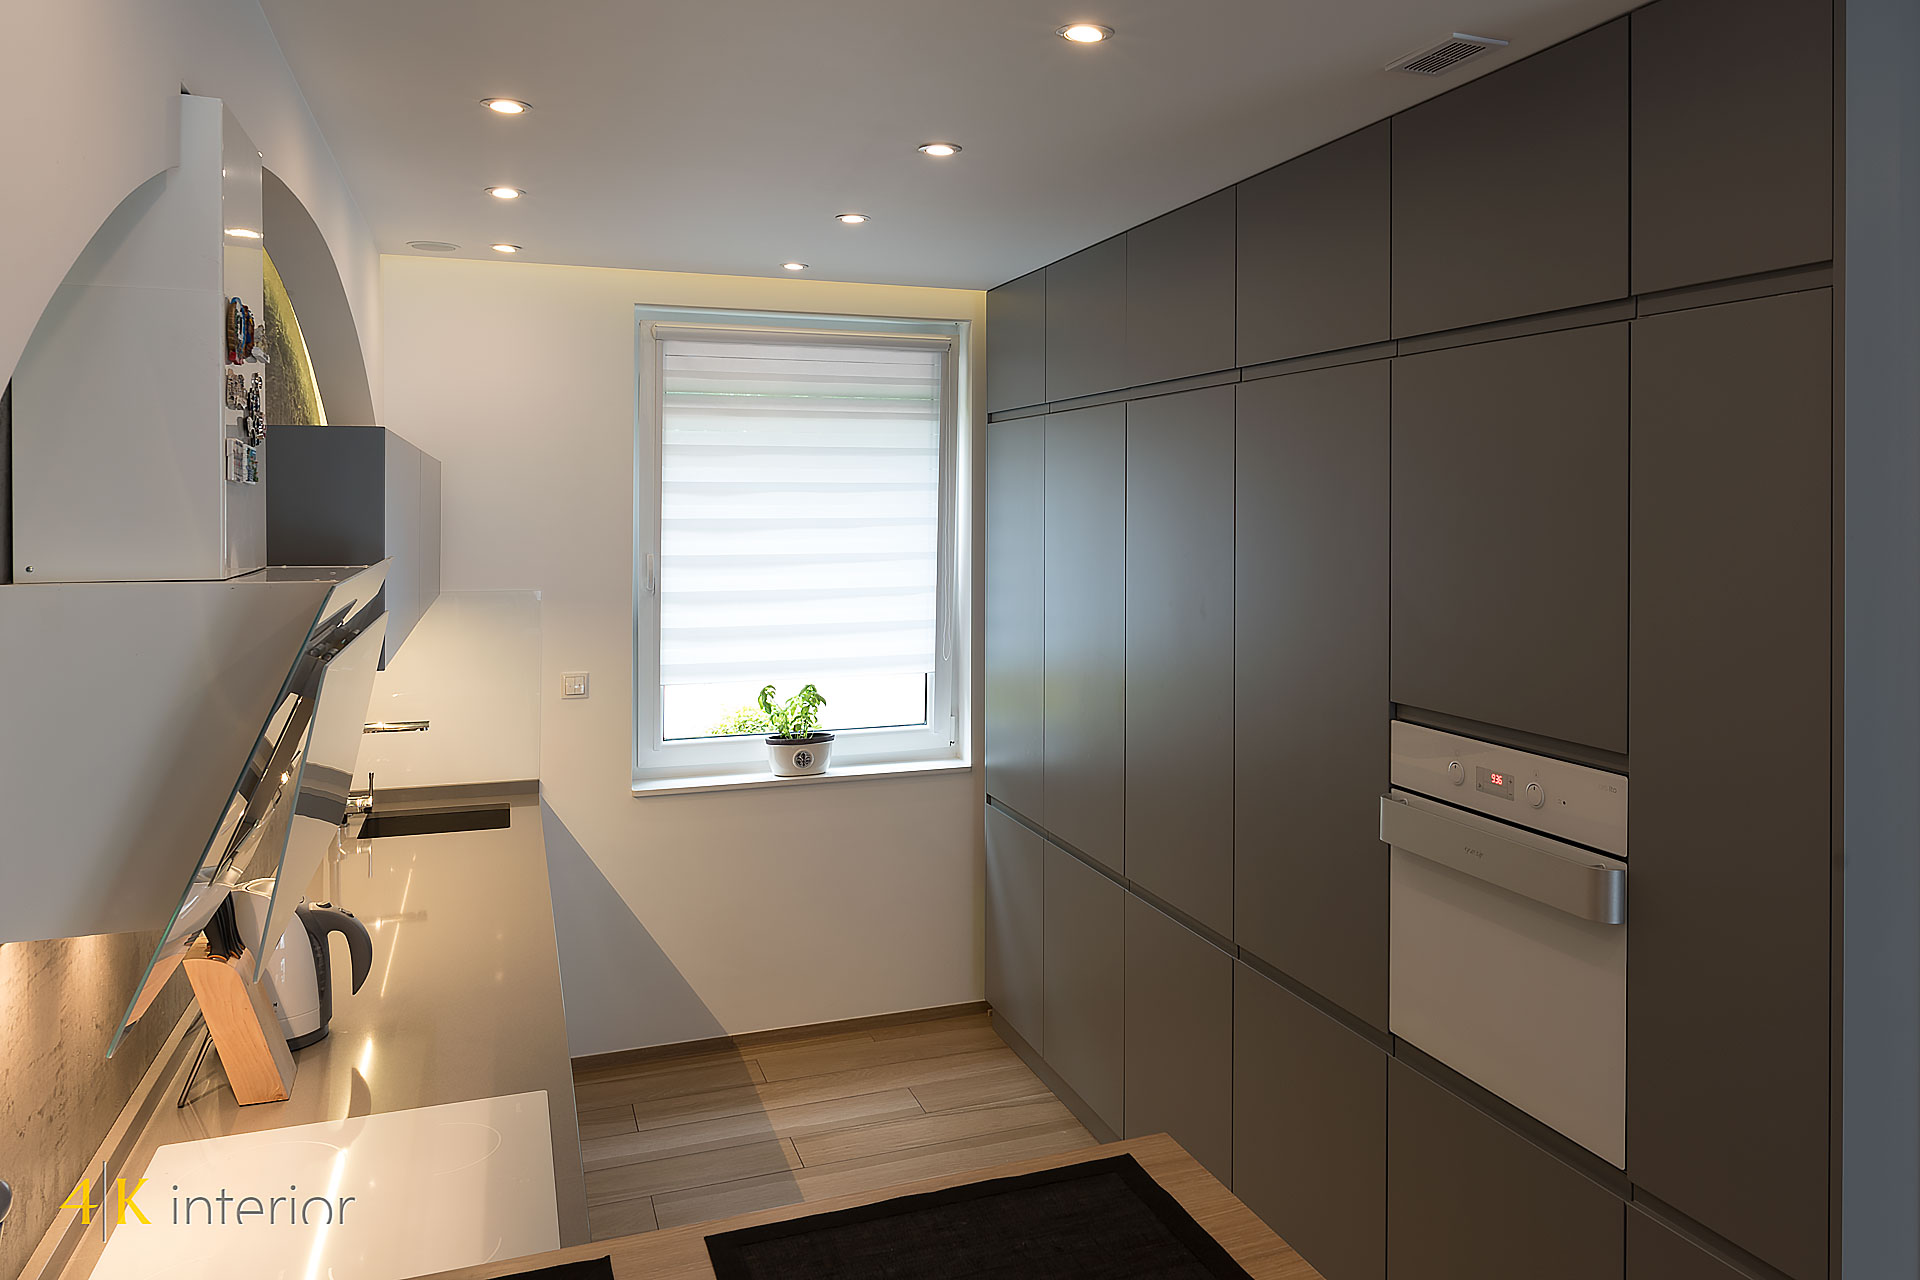 NOWOCZESNE-WNĘTRA-DOMU-Z-MOTYWEM-ELIPSY-09 nowoczesna szafa w kuchni